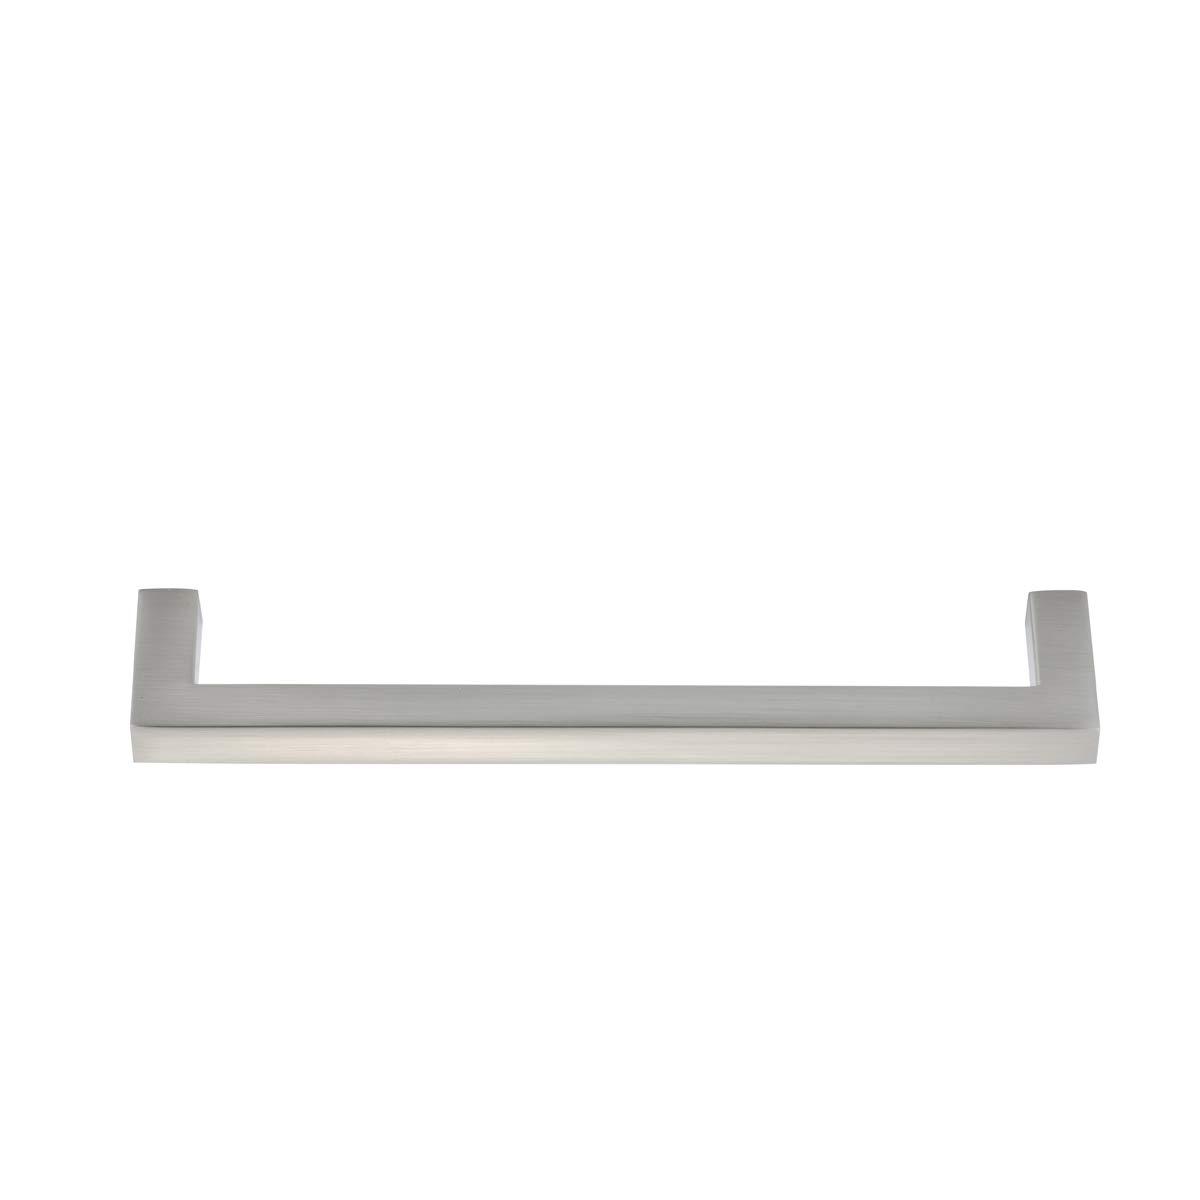 7,8 cm de longitud Basics lat/ón cepillado 3,2 cm centro del agujero 10 unidades Tirador de dedo moderno